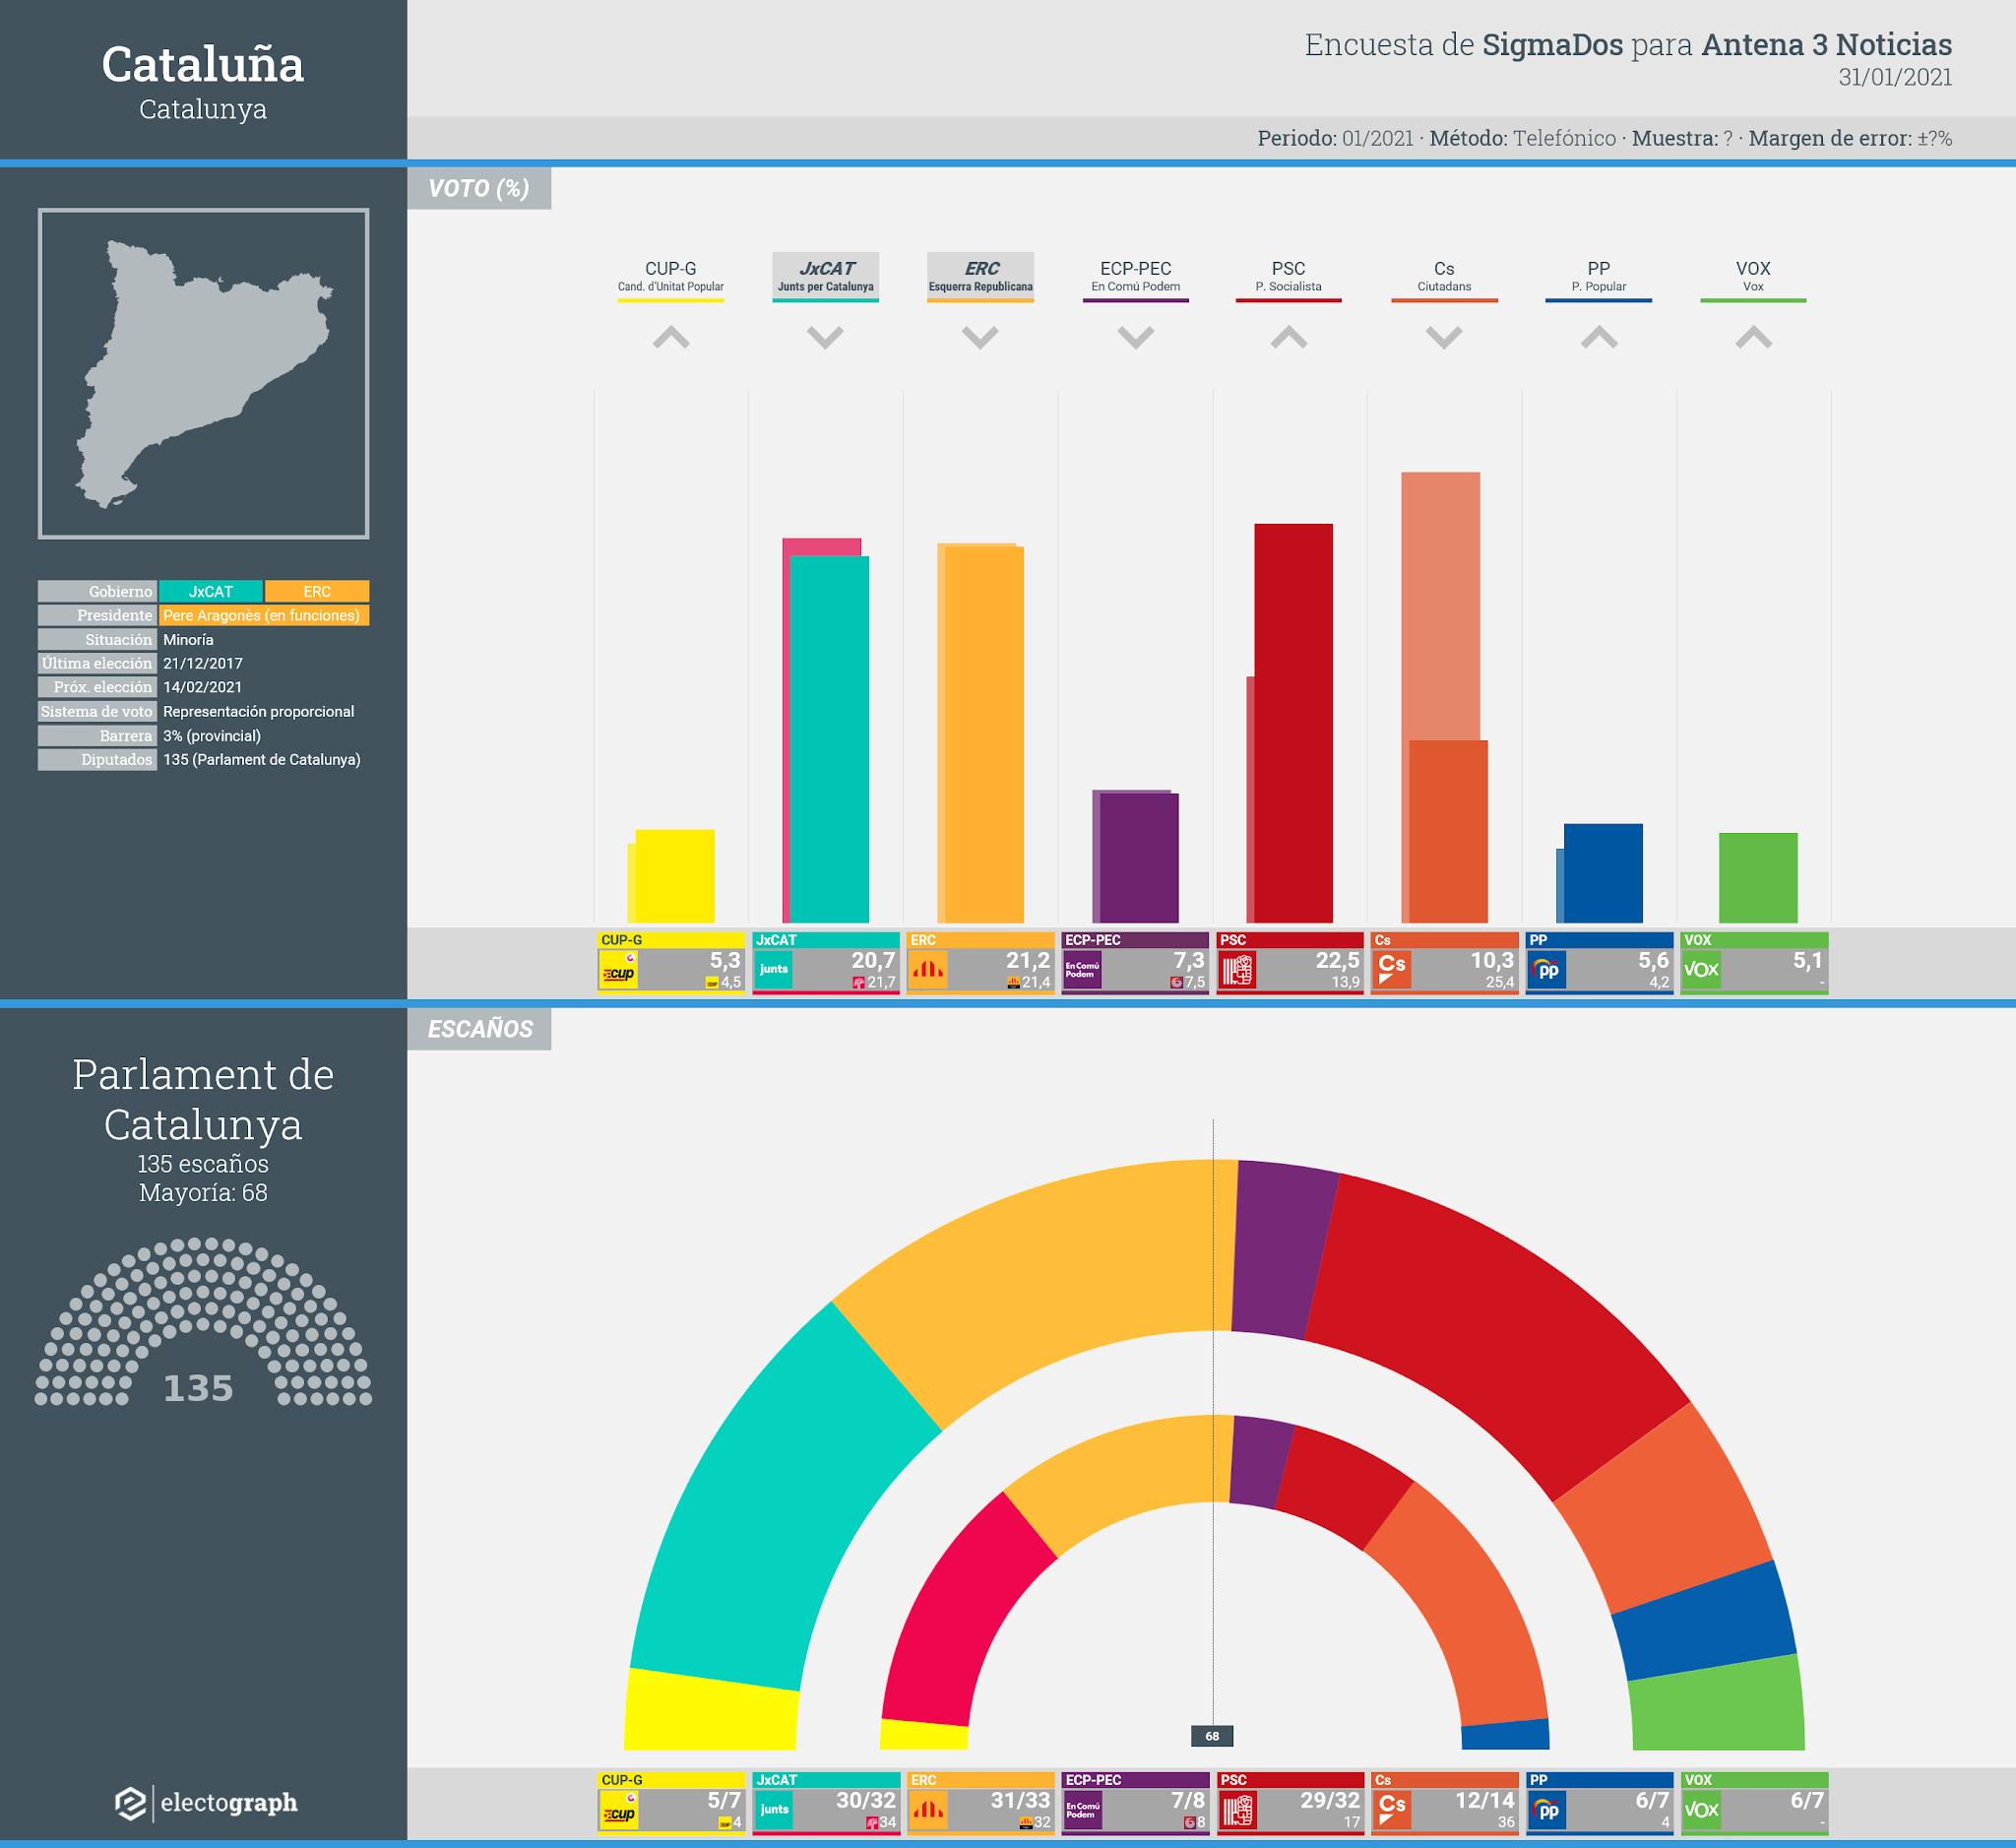 Gráfico de la encuesta para elecciones generales en Cataluña realizada por SigmaDos para Antena 3 Noticias, 31 de enero de 2021